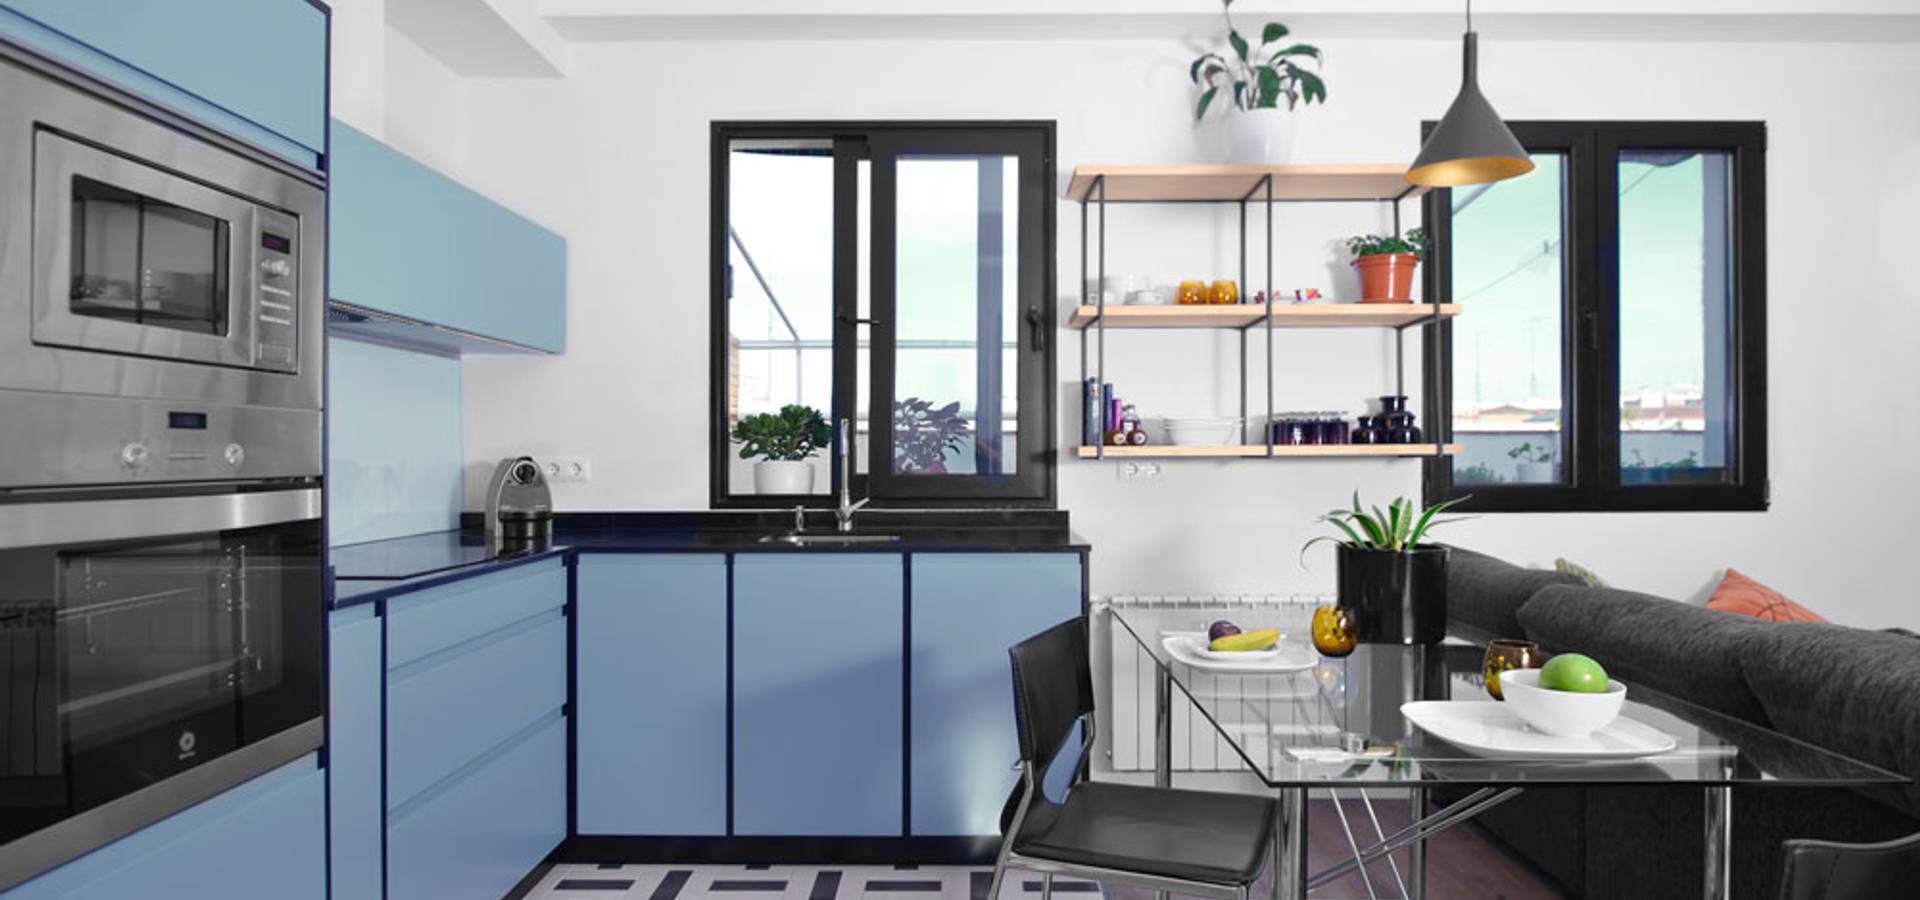 Ondo interiorismo arquitectos de interiores en madrid homify - Arquitecto de interiores madrid ...